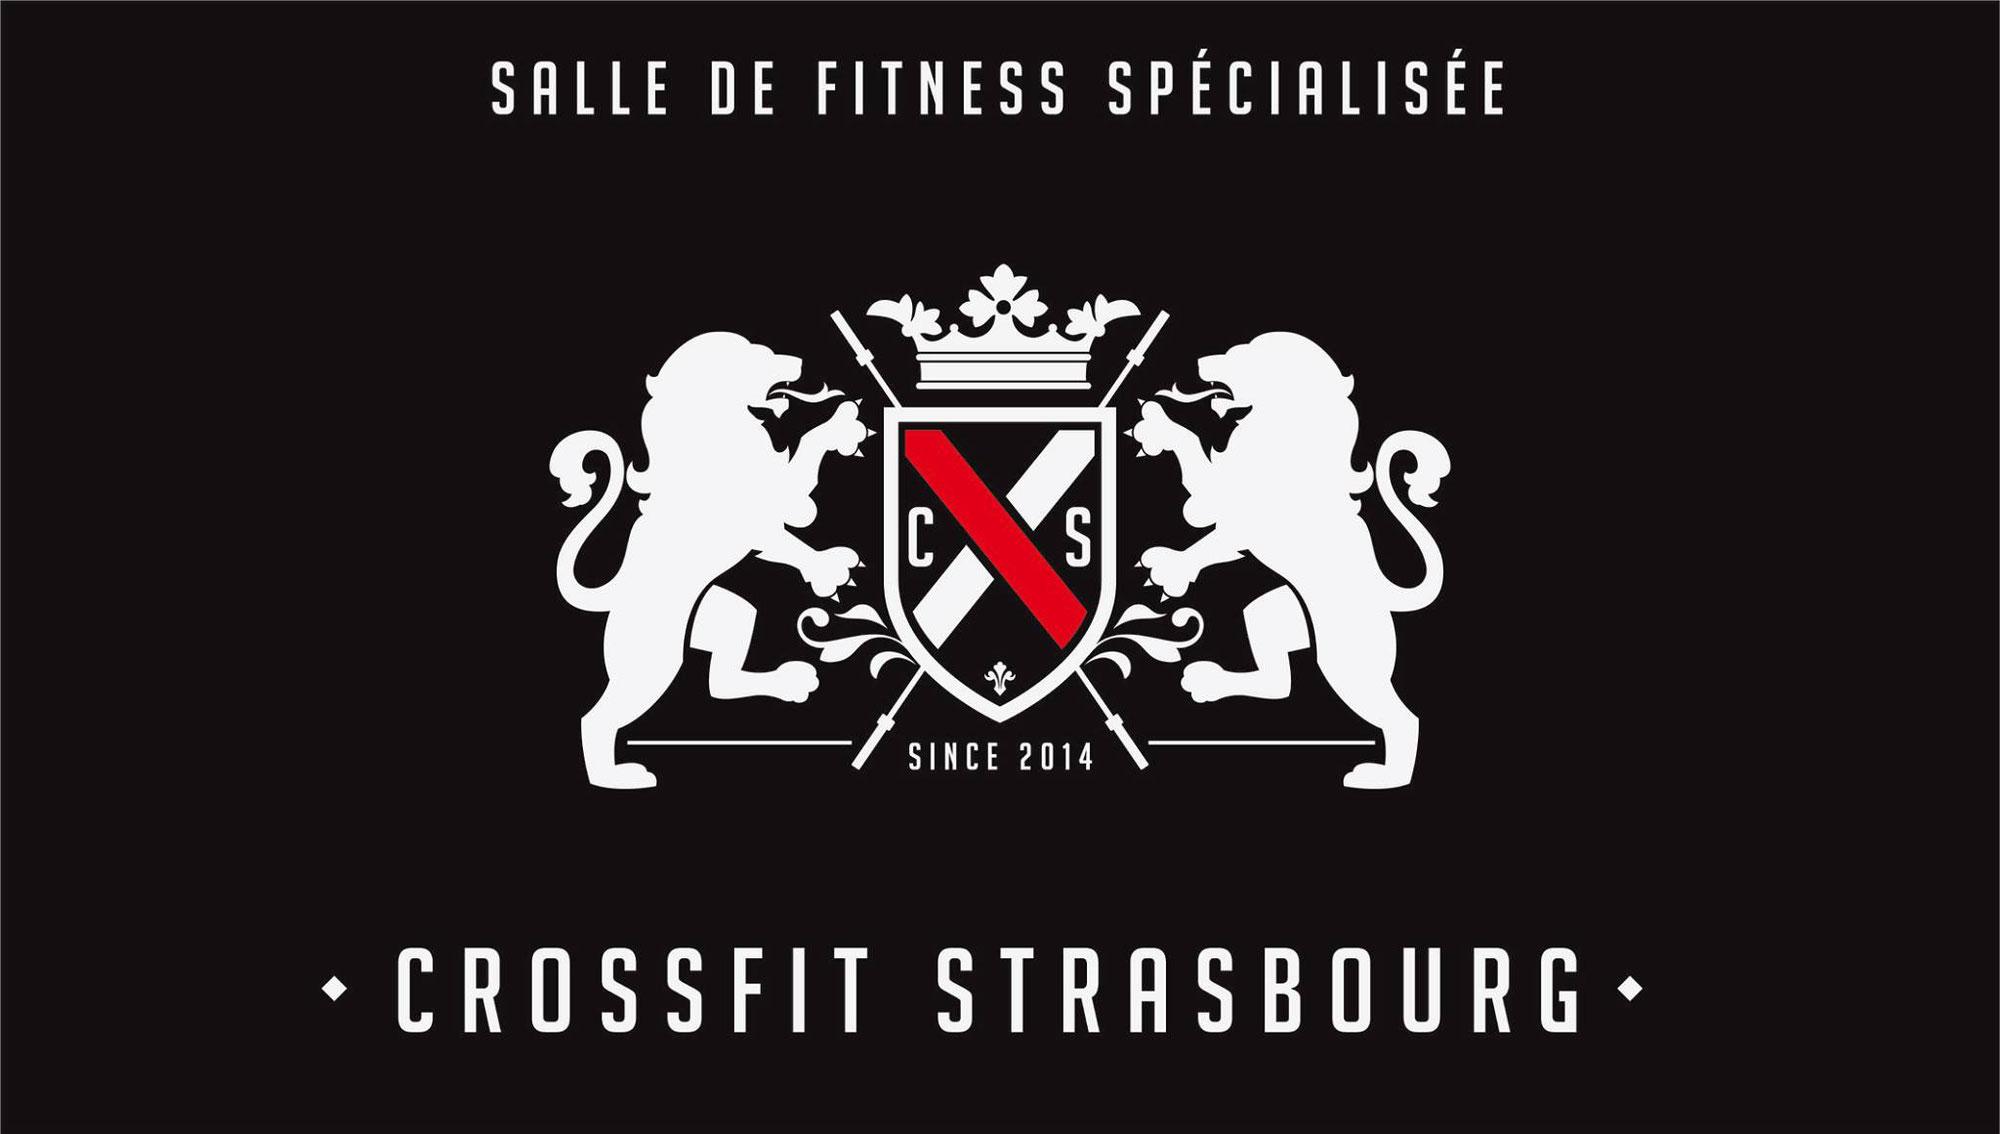 Crossfit Strasbourg Crossfit Strasbourg